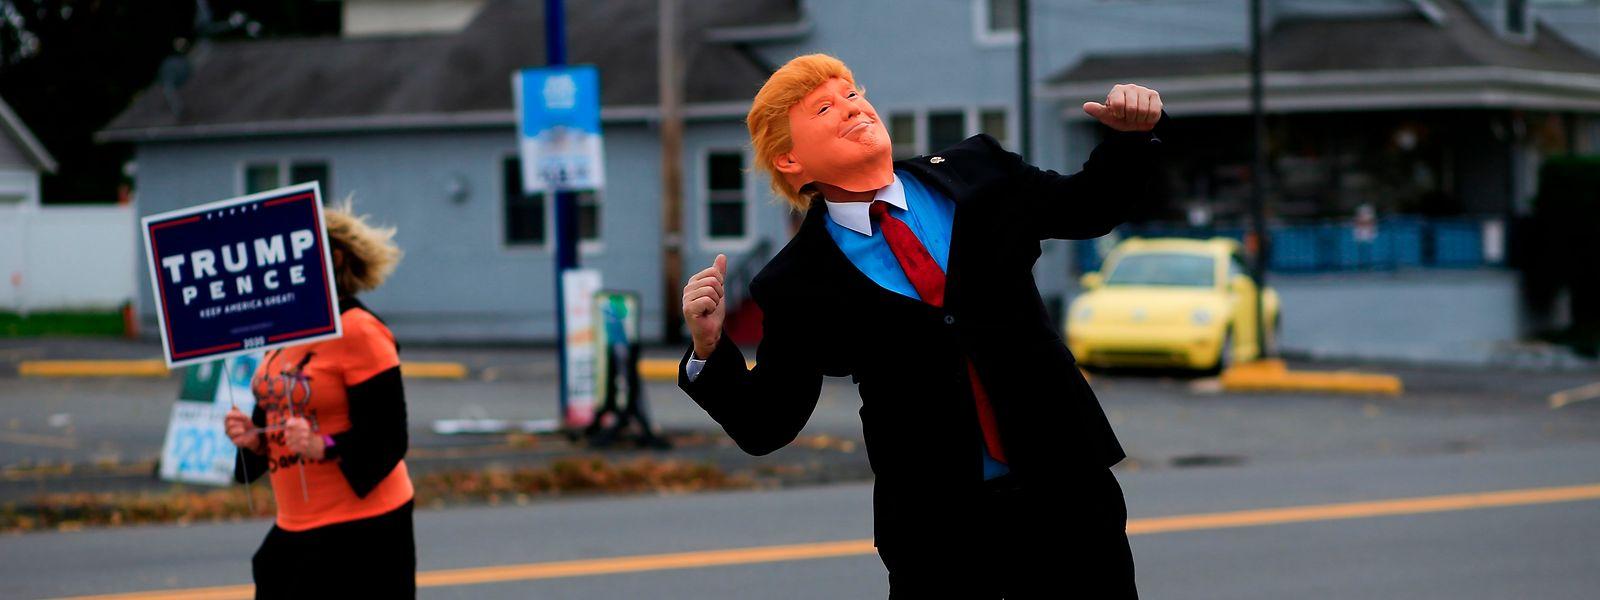 Am 3. November wird in den USA ein neuer Präsident gewählt. Eine Woche vorher intensivieren die Kandidaten ihren Wahlkampf.